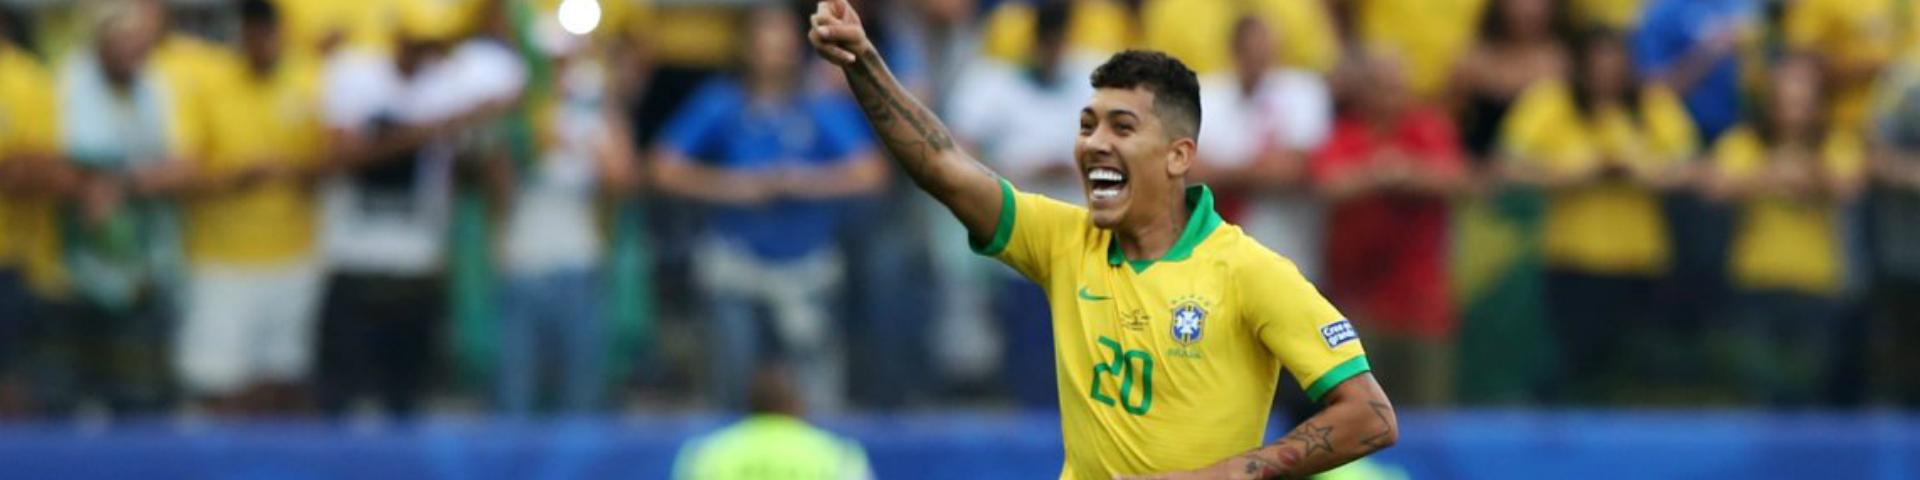 Букмекеры: у Парагвая нет шансов против Бразилии